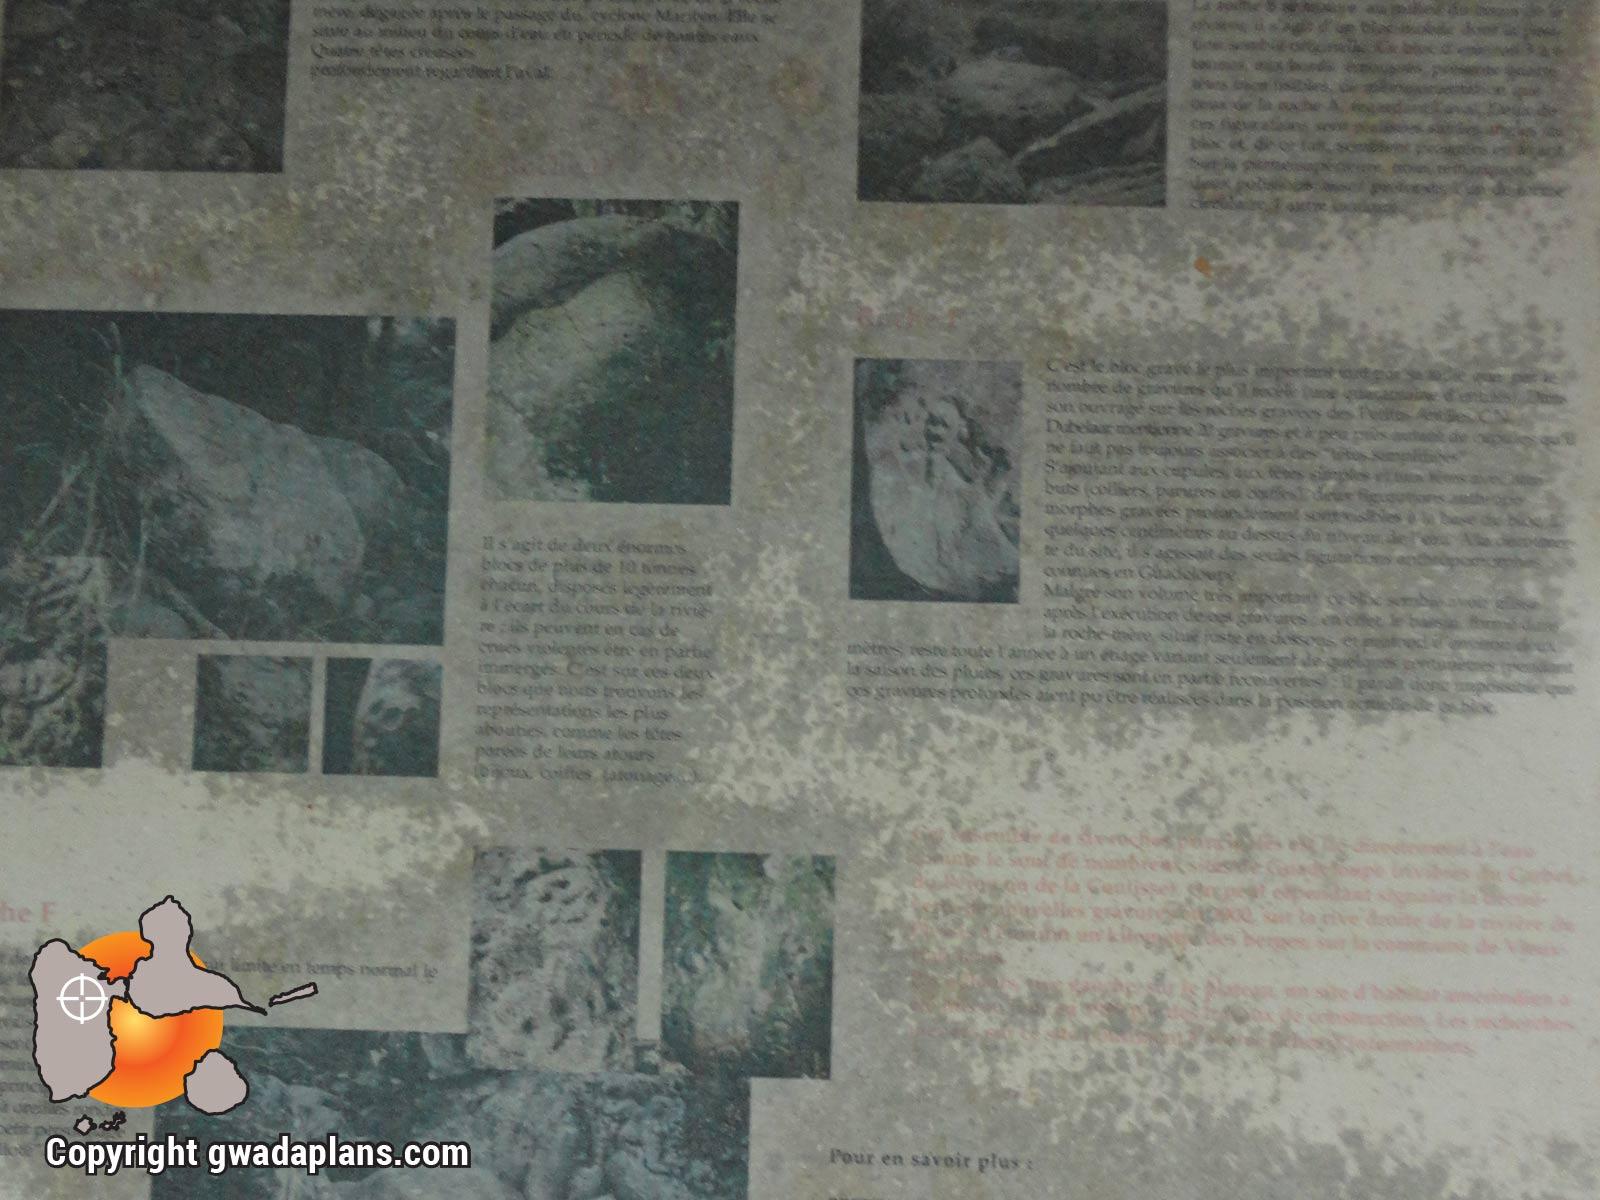 Pétroglyphes de Plessis - Panneau pédagogique